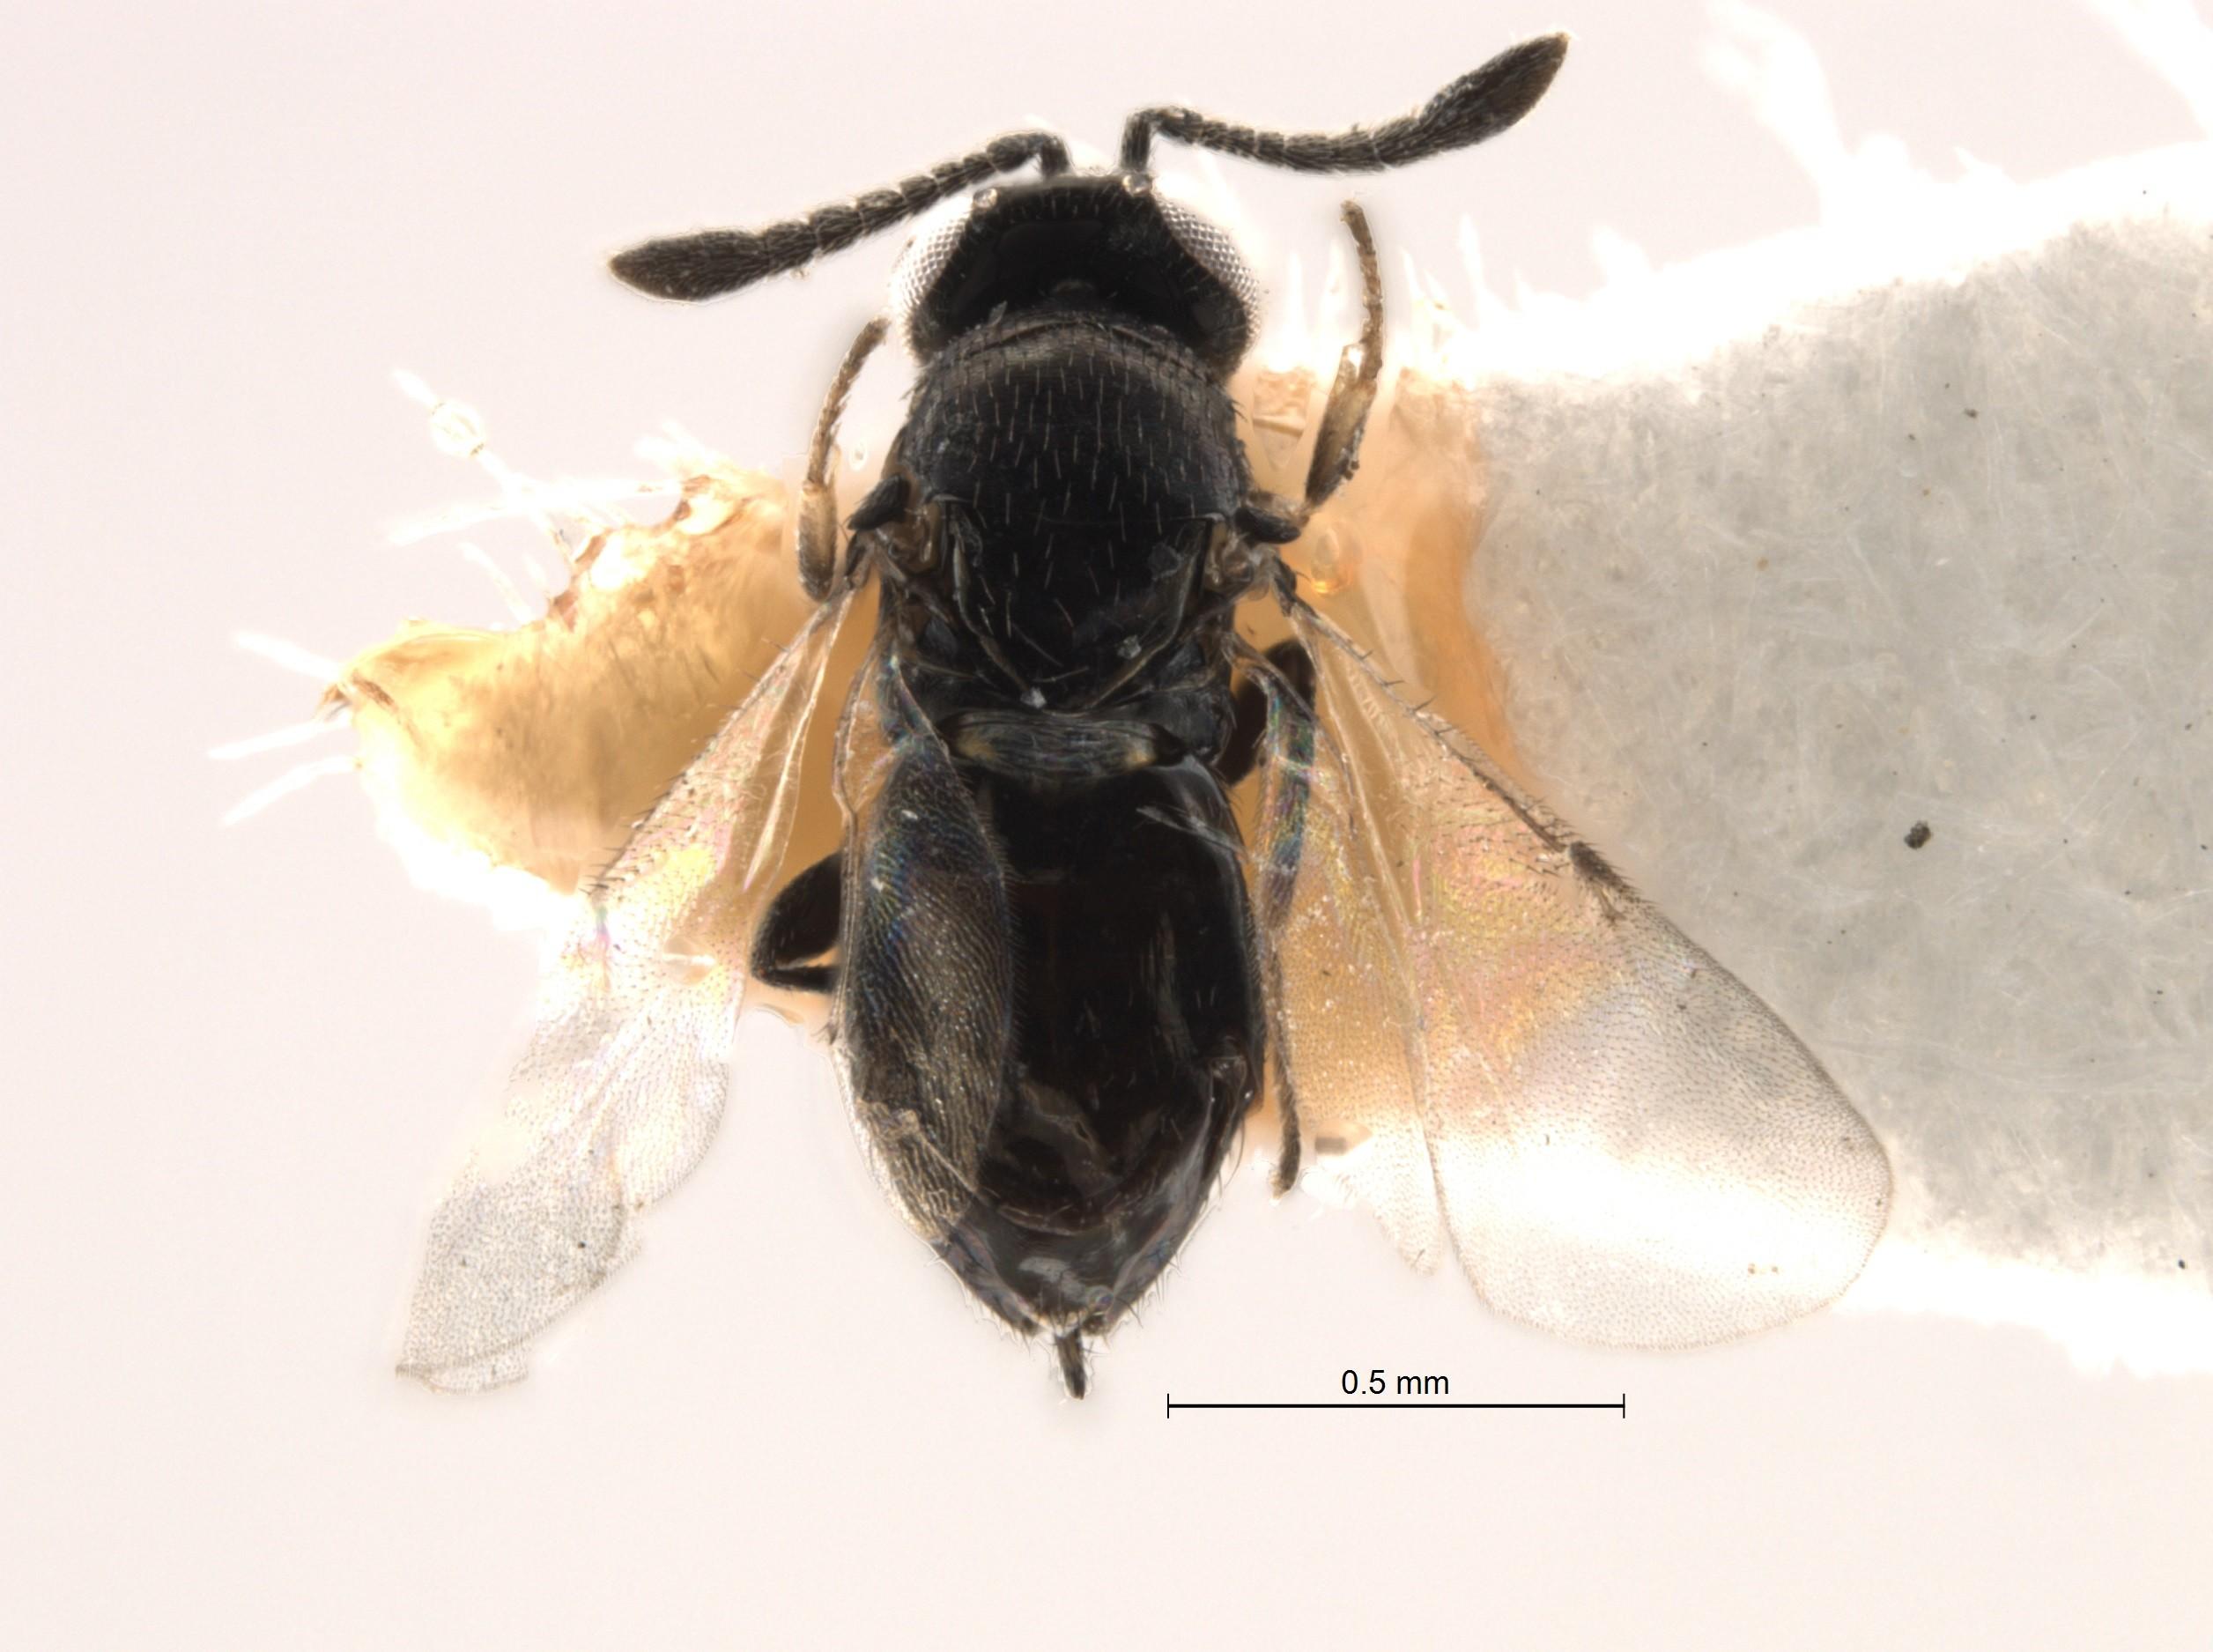 Ученые вновь открыли вид осы, который числился вымершим неменее 100 лет